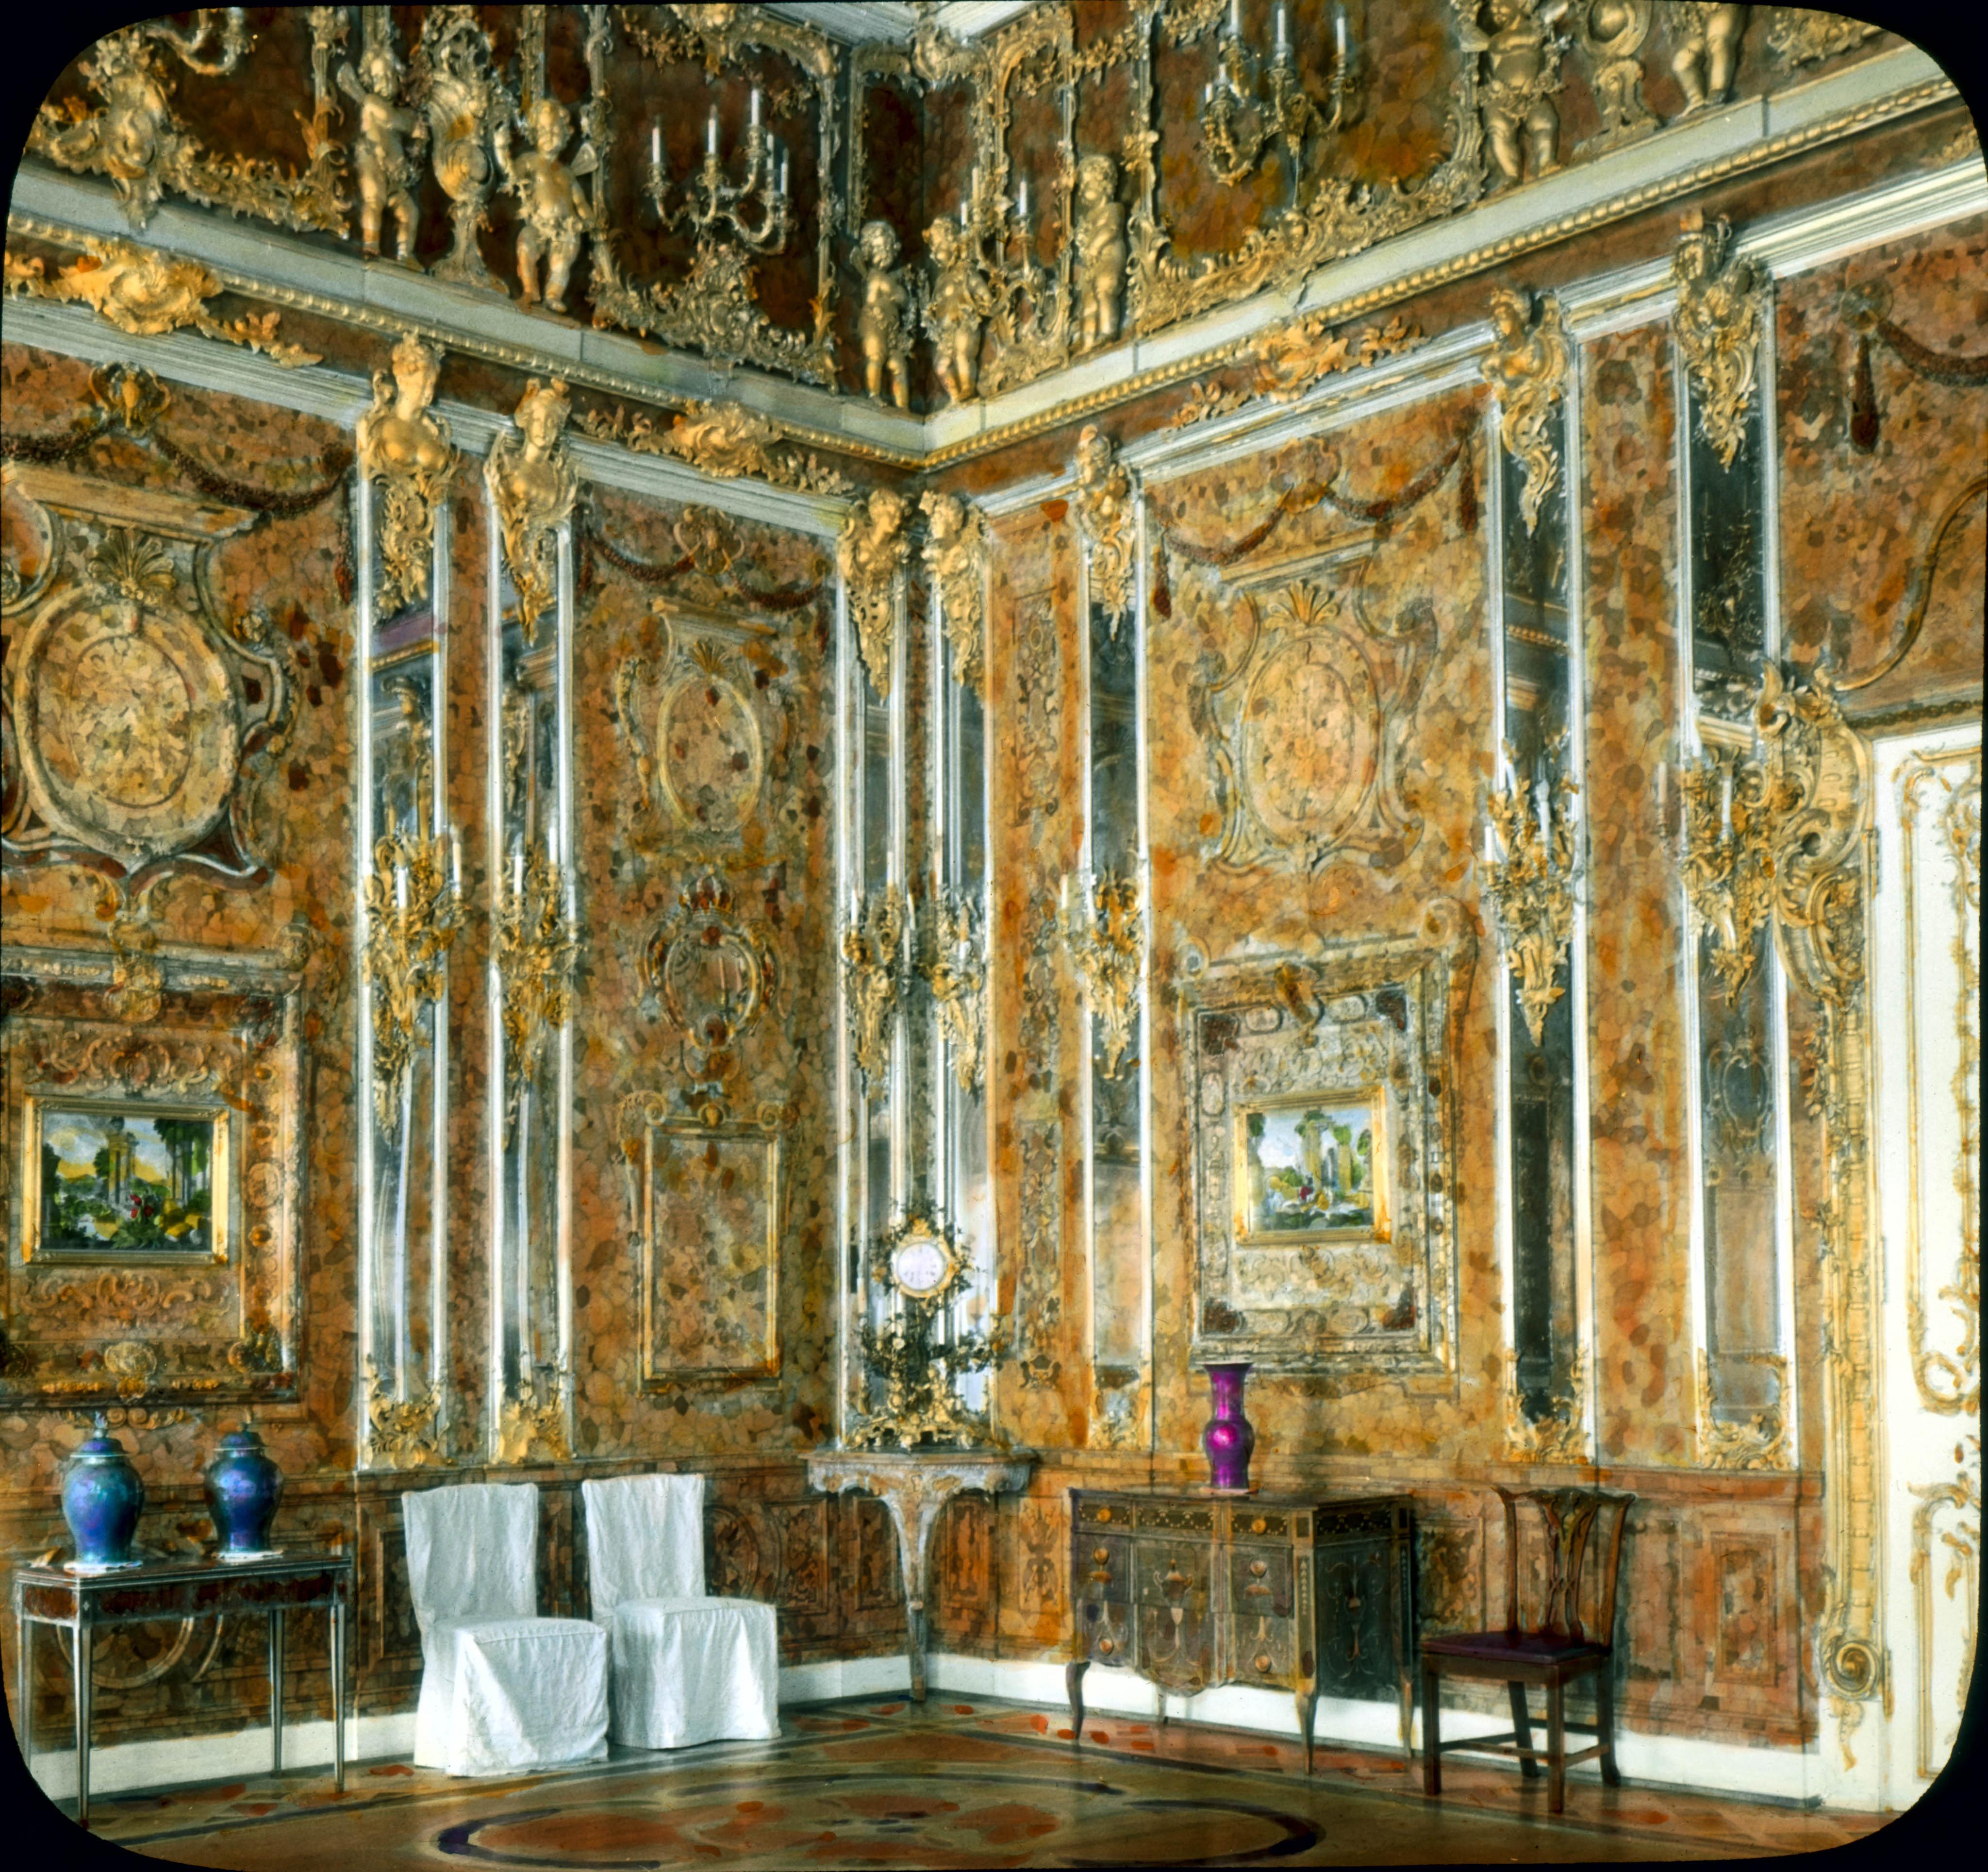 Pleasant Amber Room Wikipedia Interior Design Ideas Tzicisoteloinfo